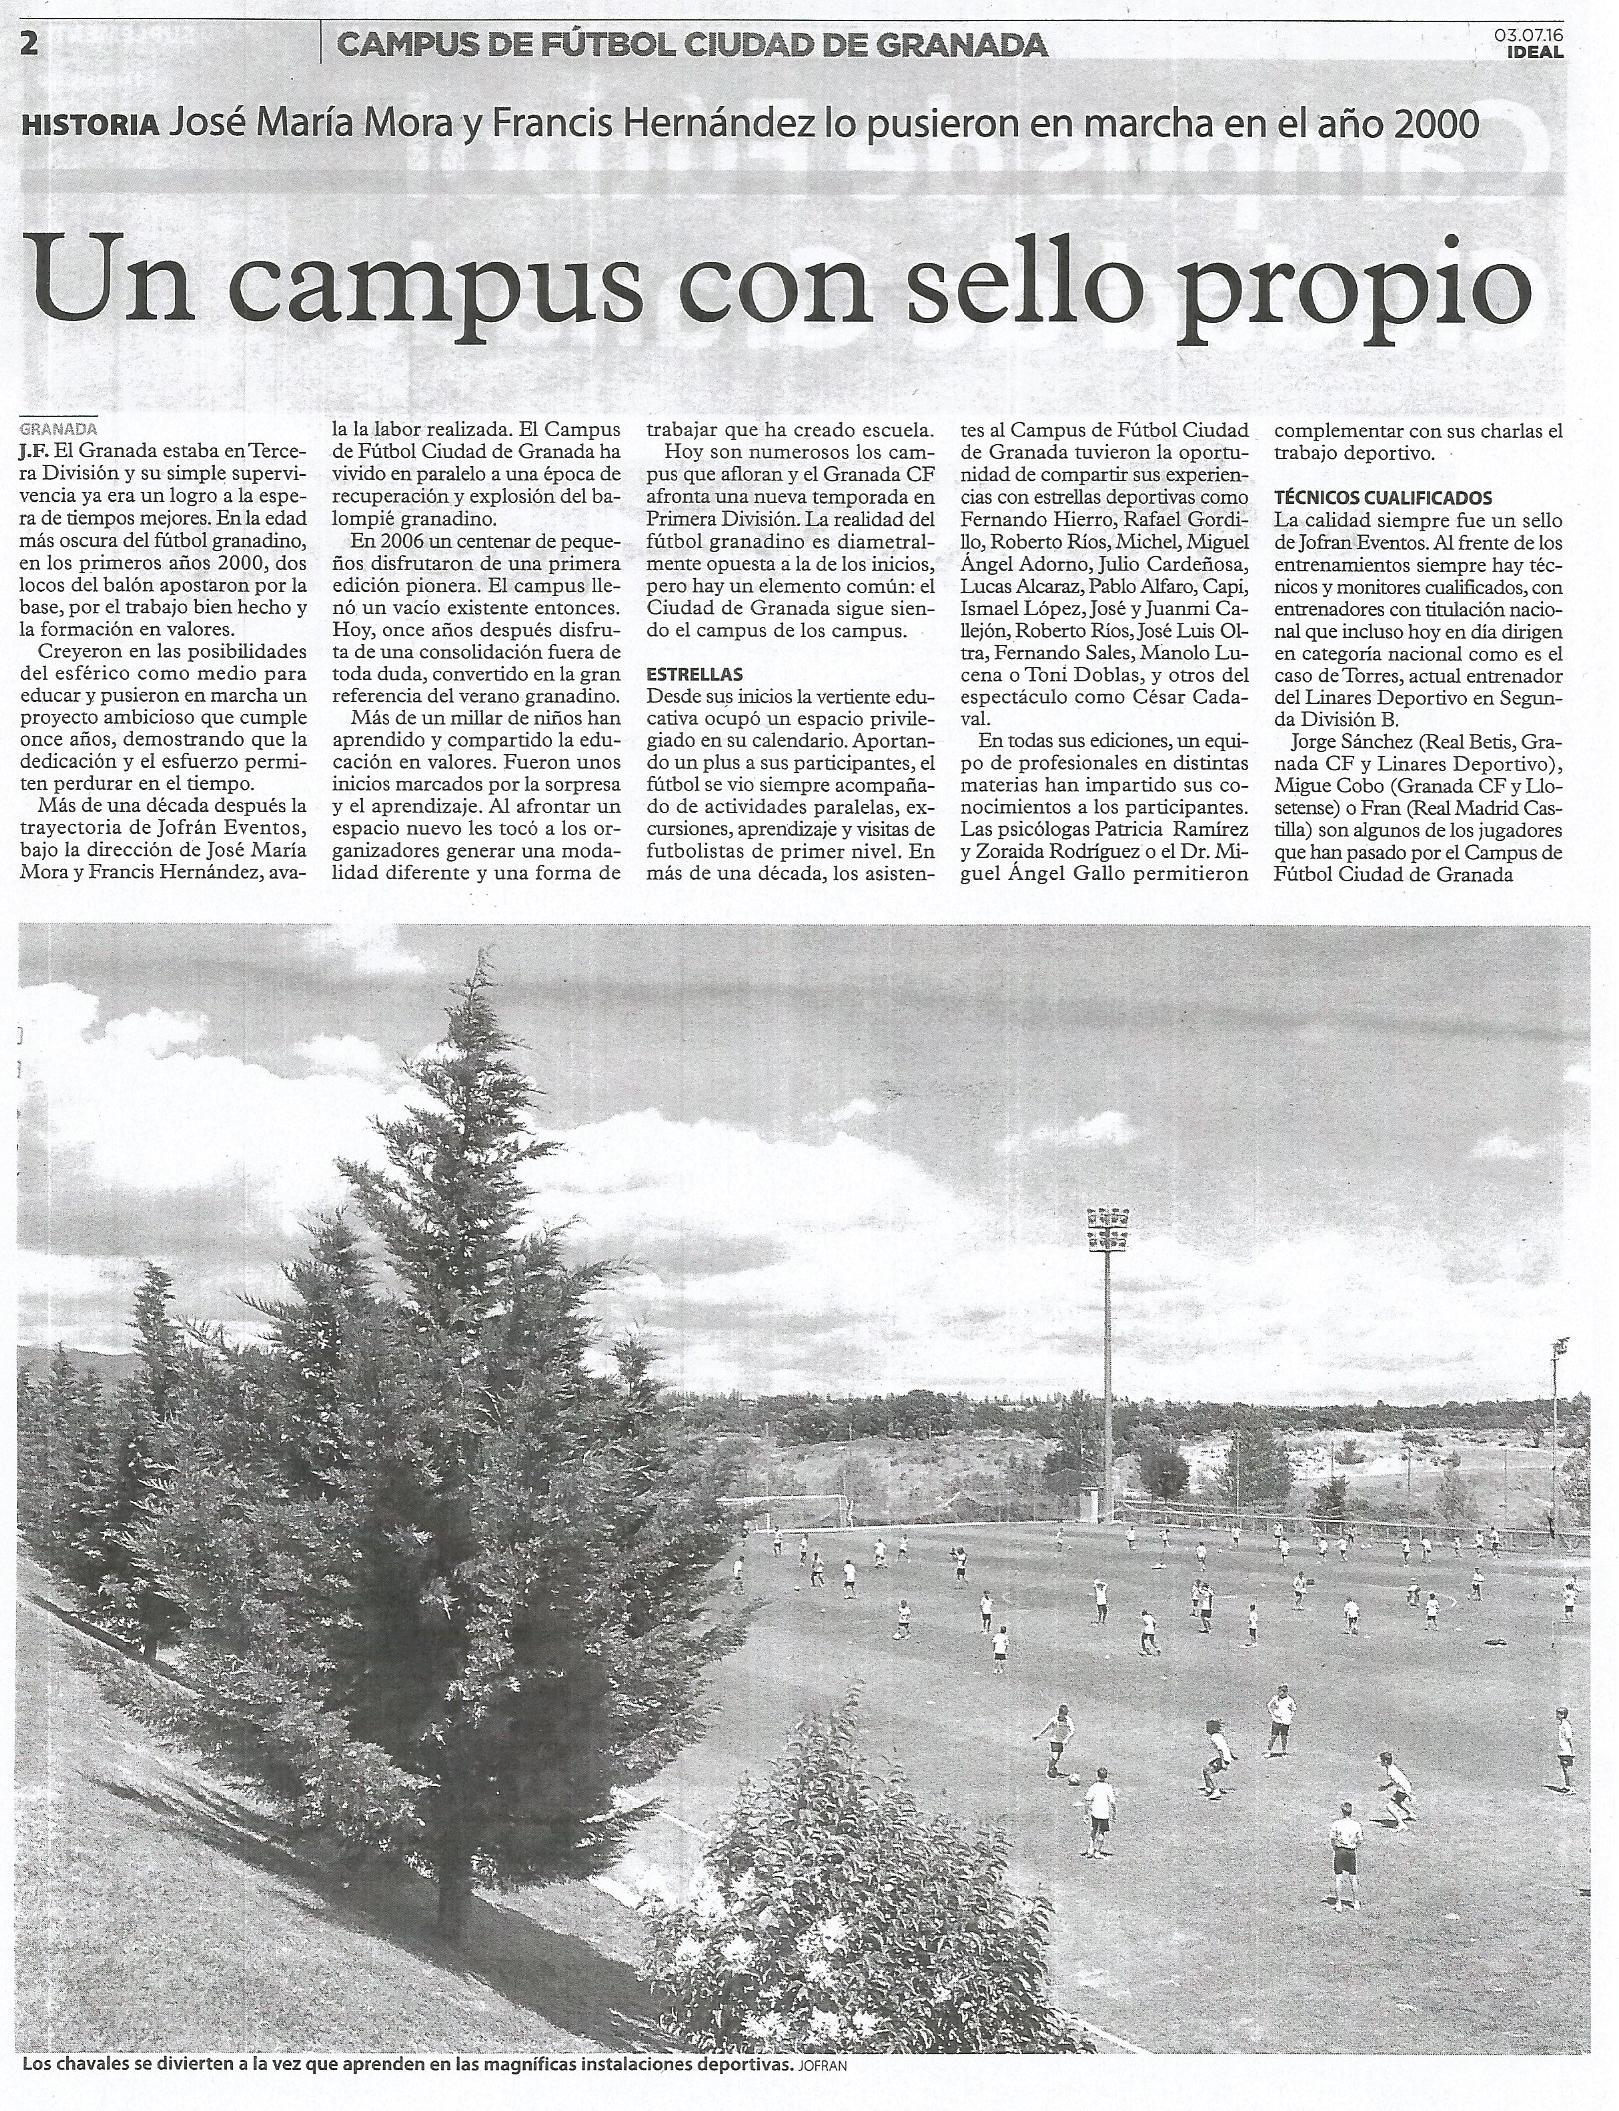 Campus de Fútbol Ciudad de Granada 2